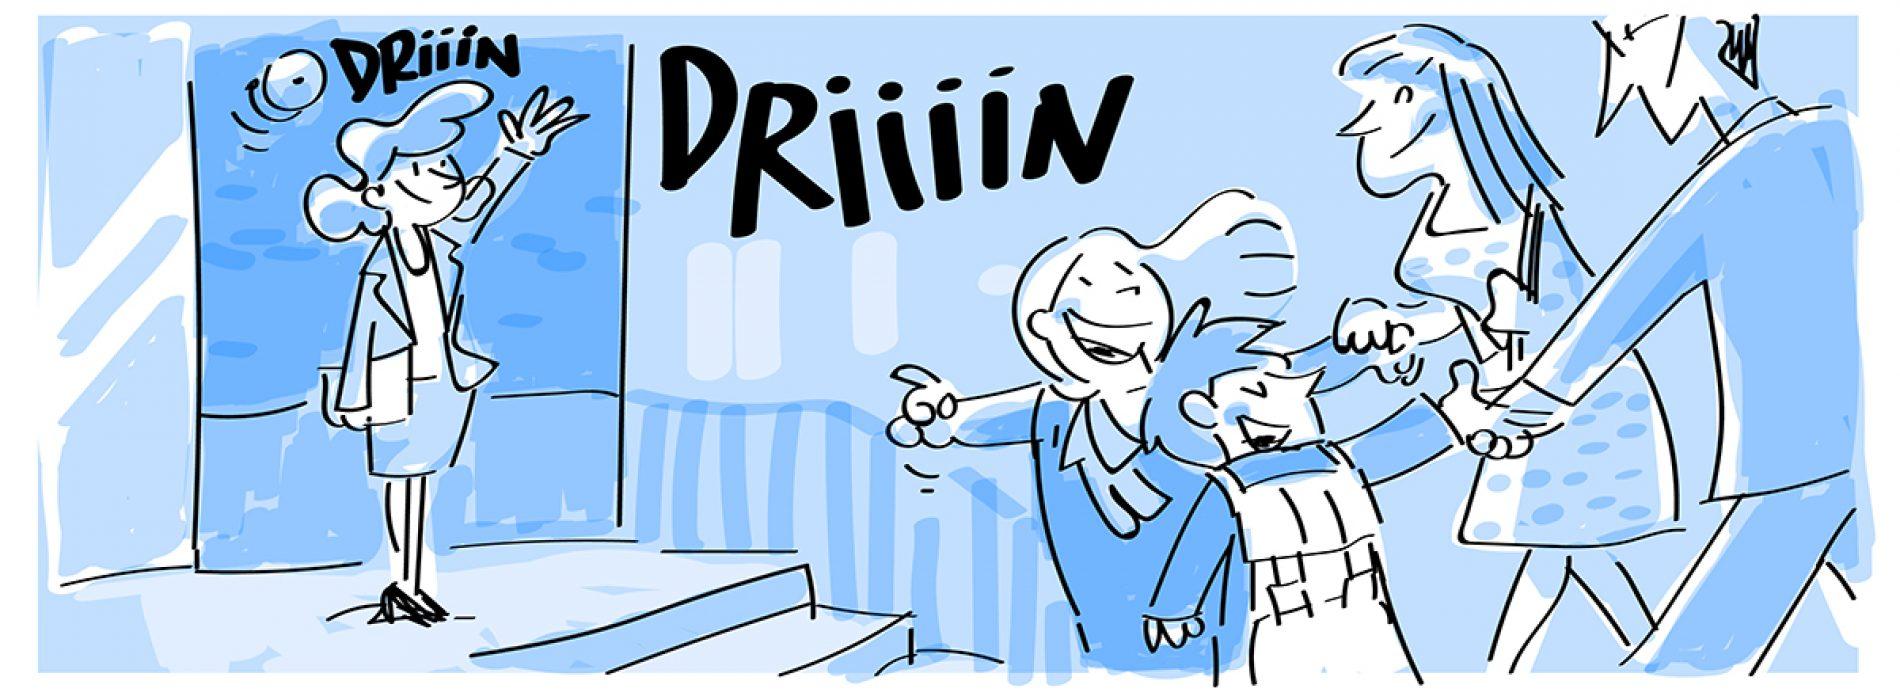 """Driiin Driiin, alla libreria """"Che Storia"""" suona la campanella"""